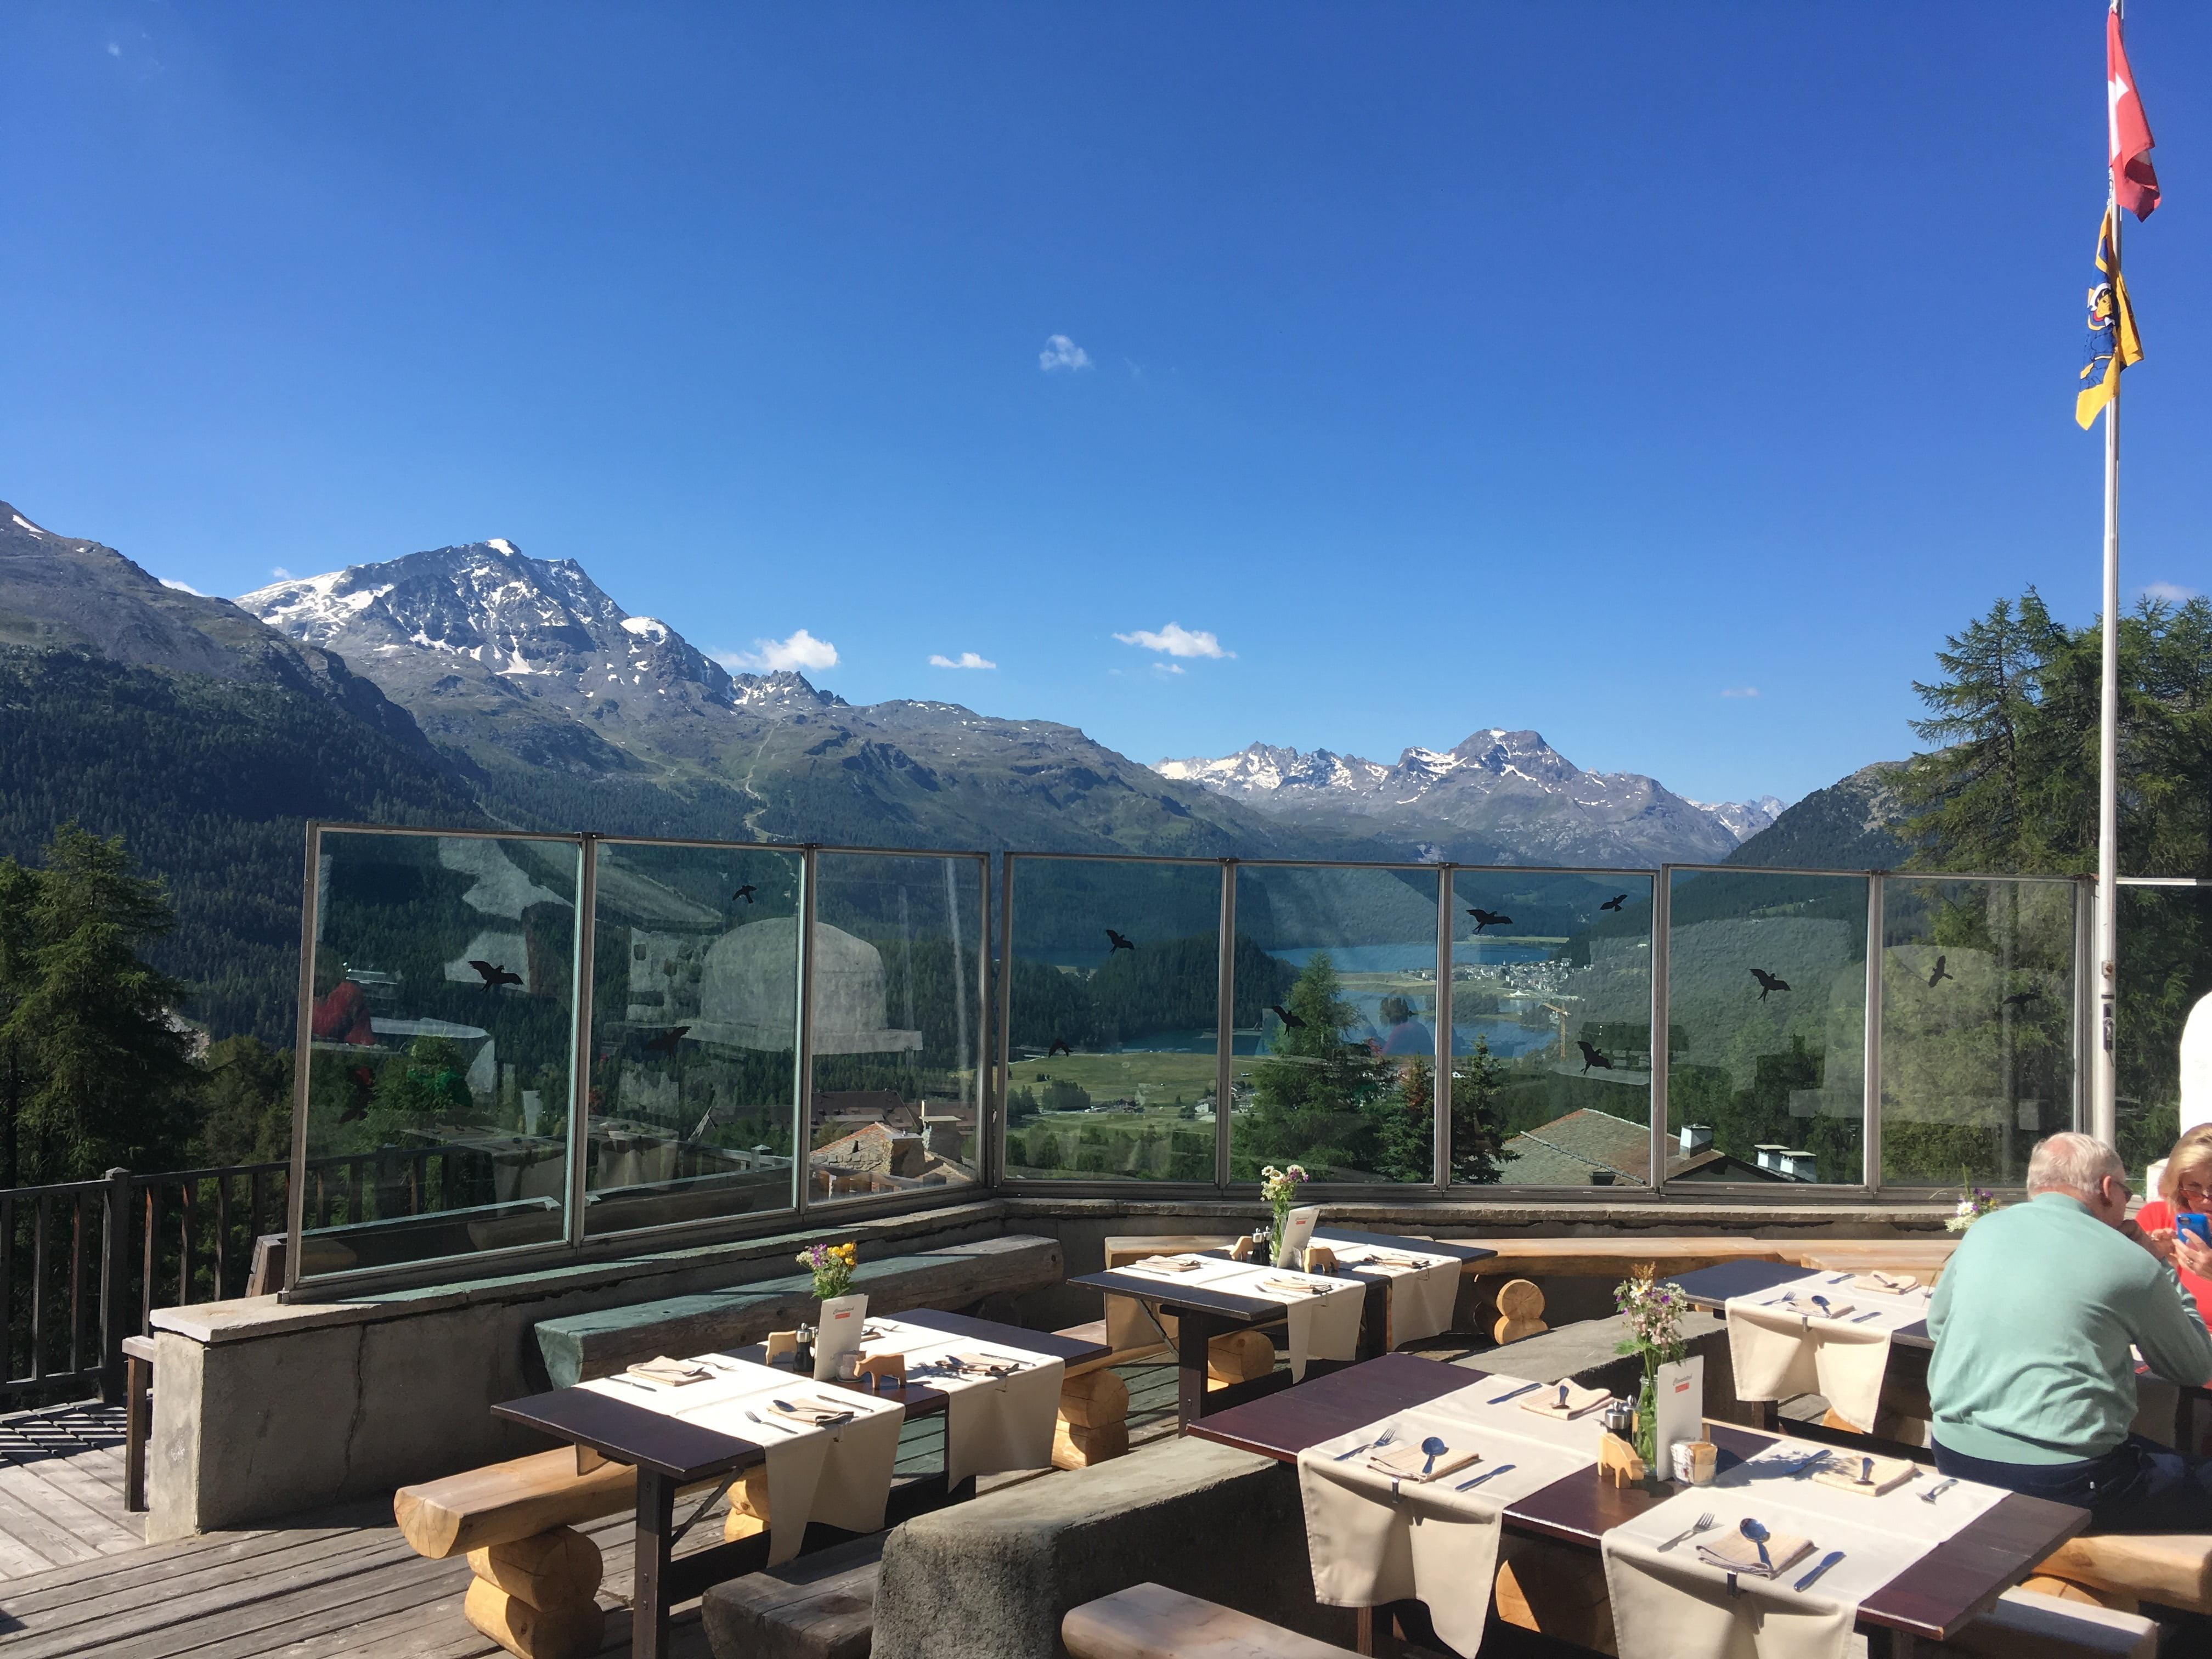 Berg- und Ausflugsrestaurants